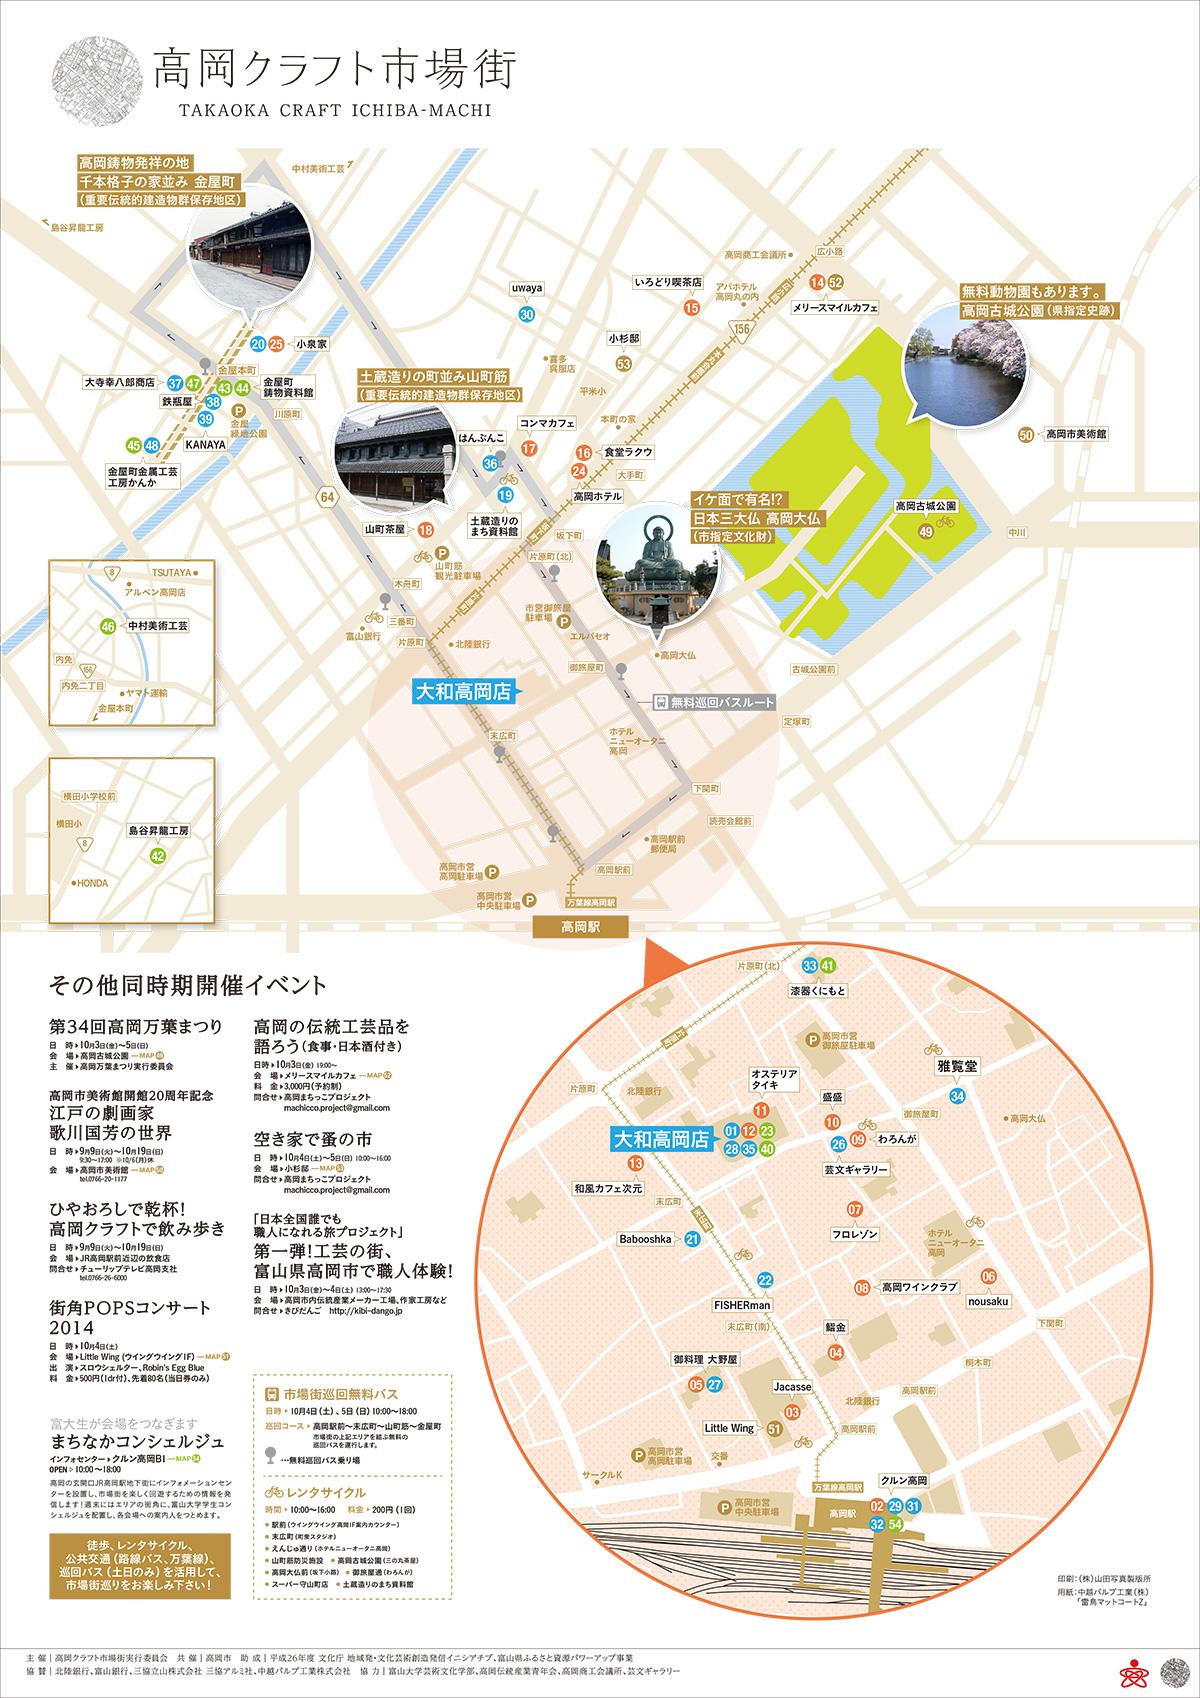 市場街MAP